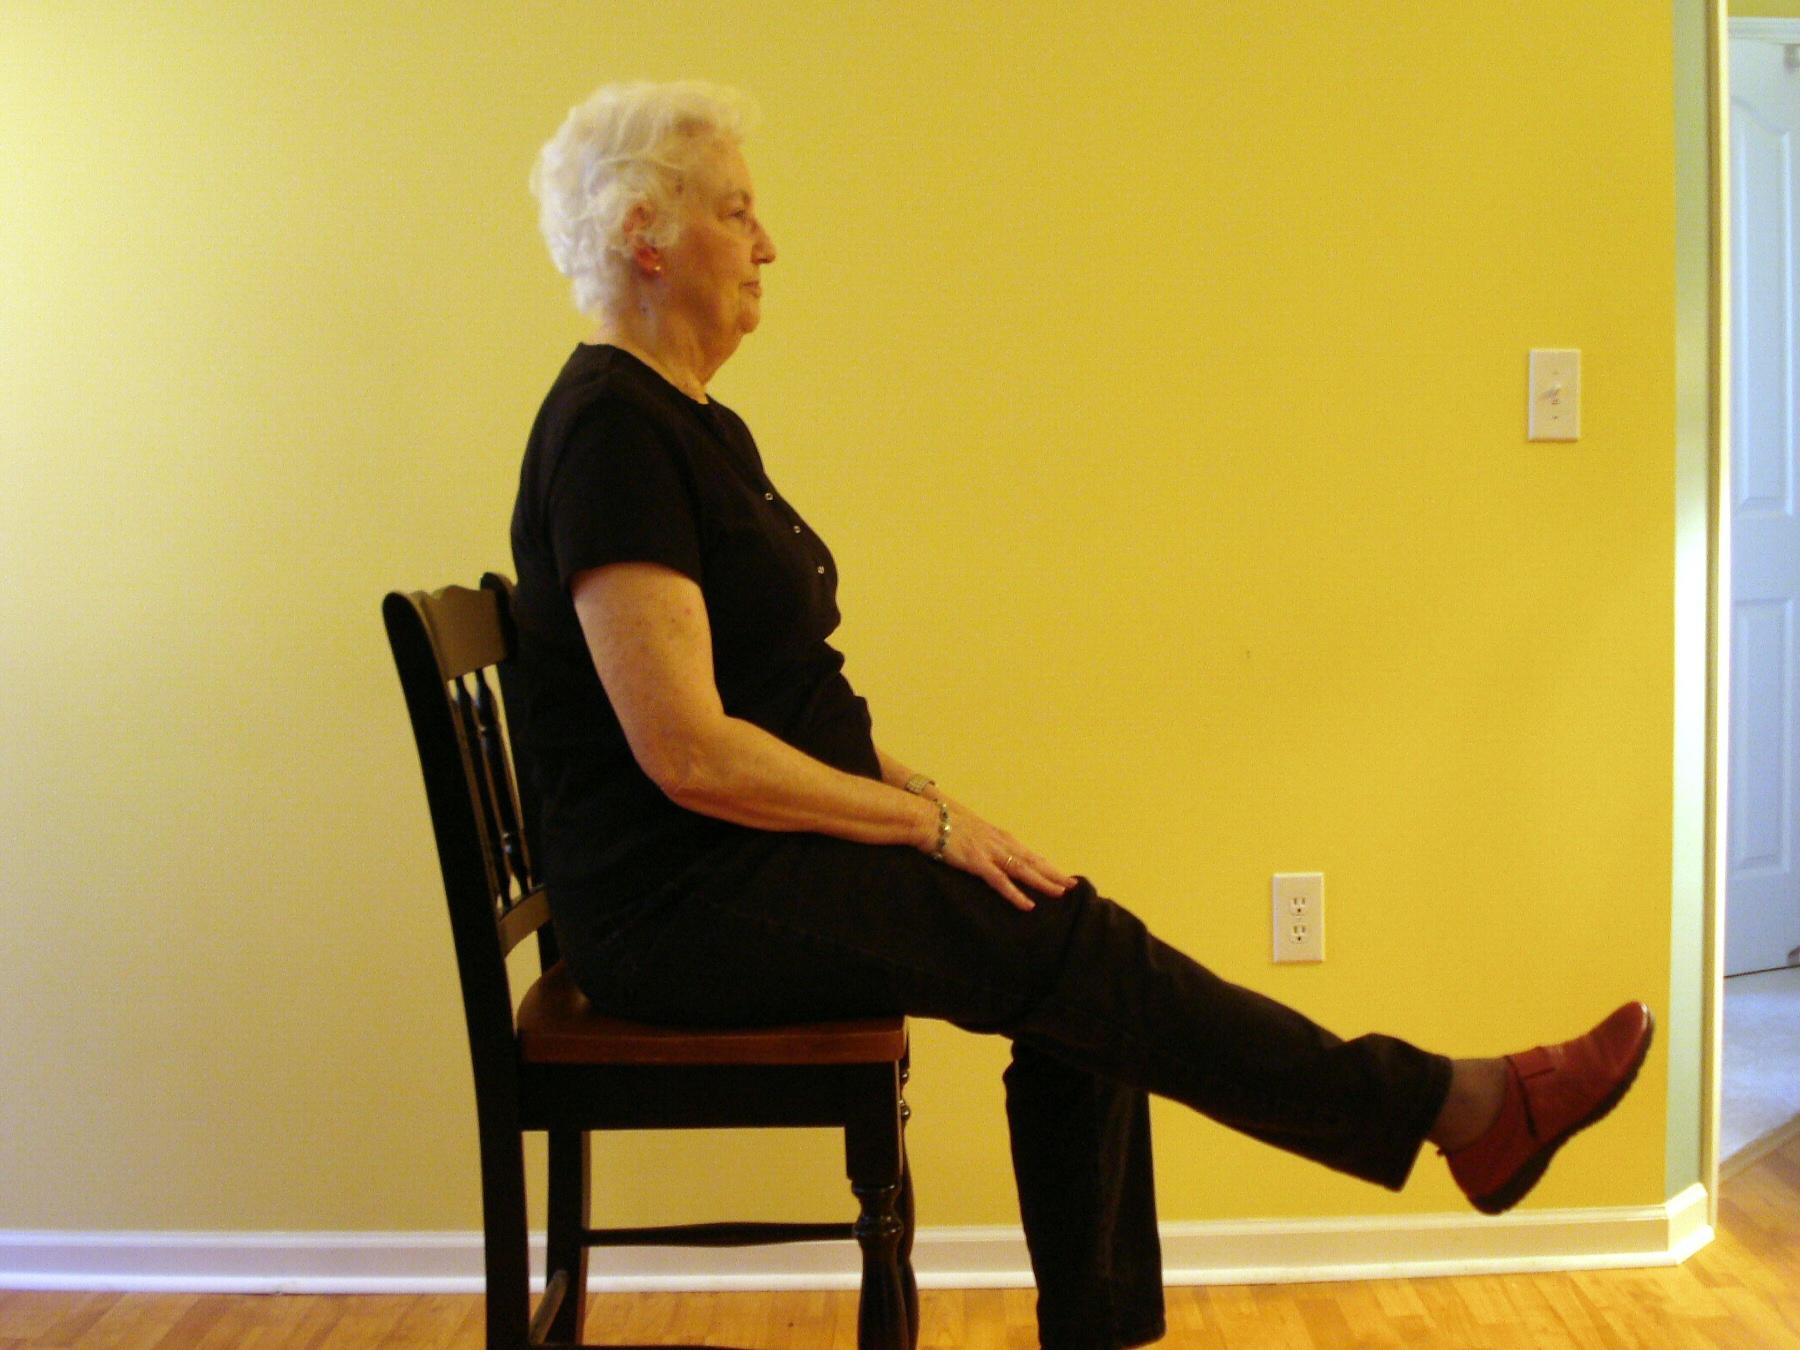 exercise-routine-for-seniors-22